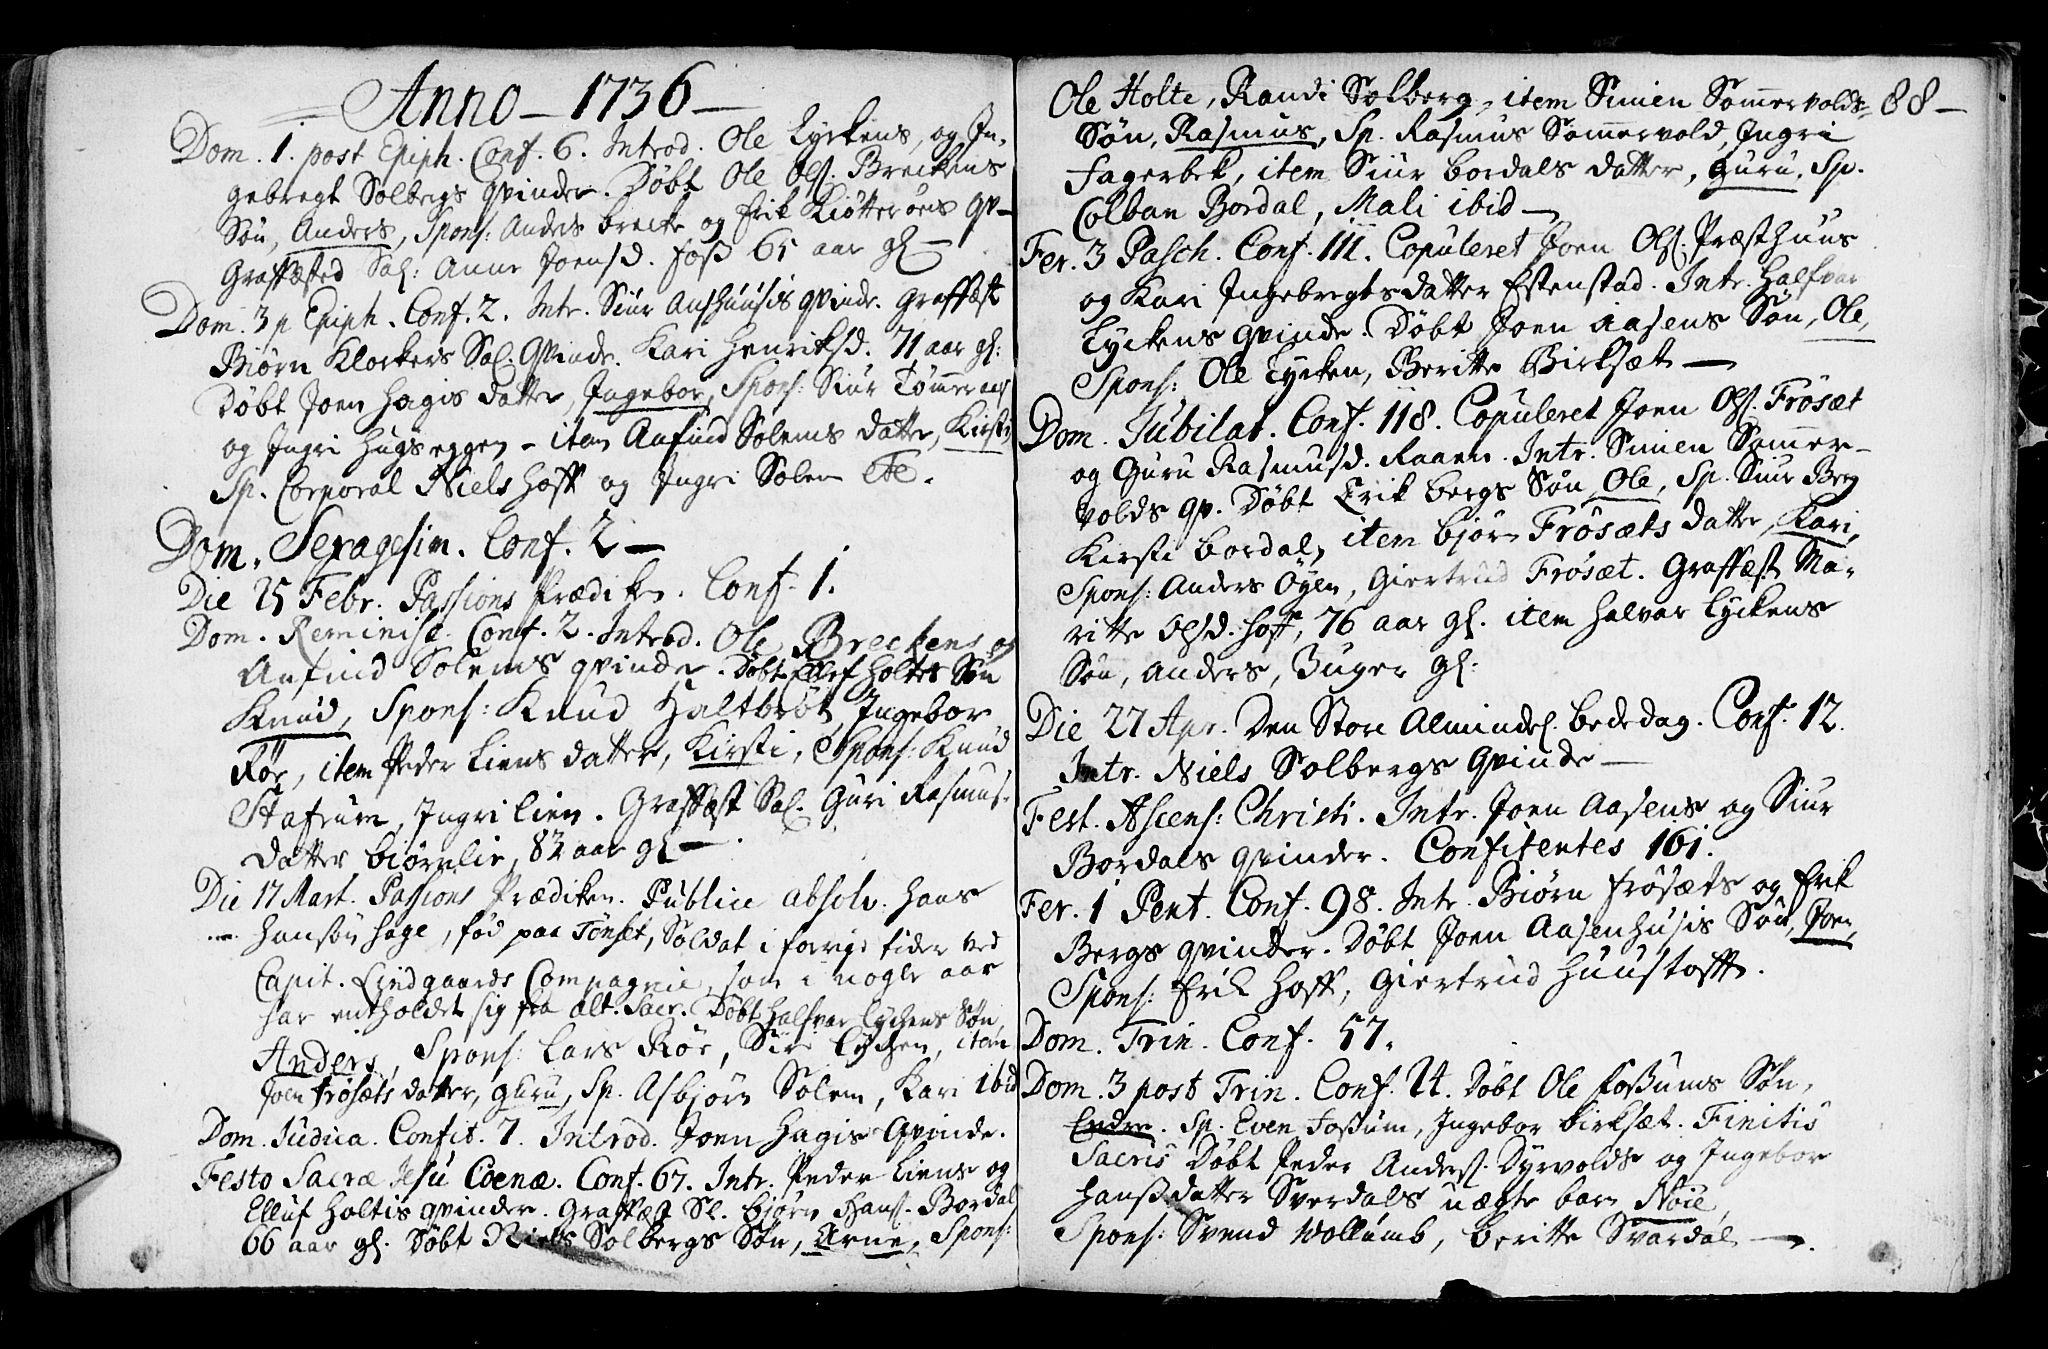 SAT, Ministerialprotokoller, klokkerbøker og fødselsregistre - Sør-Trøndelag, 689/L1036: Ministerialbok nr. 689A01, 1696-1746, s. 88